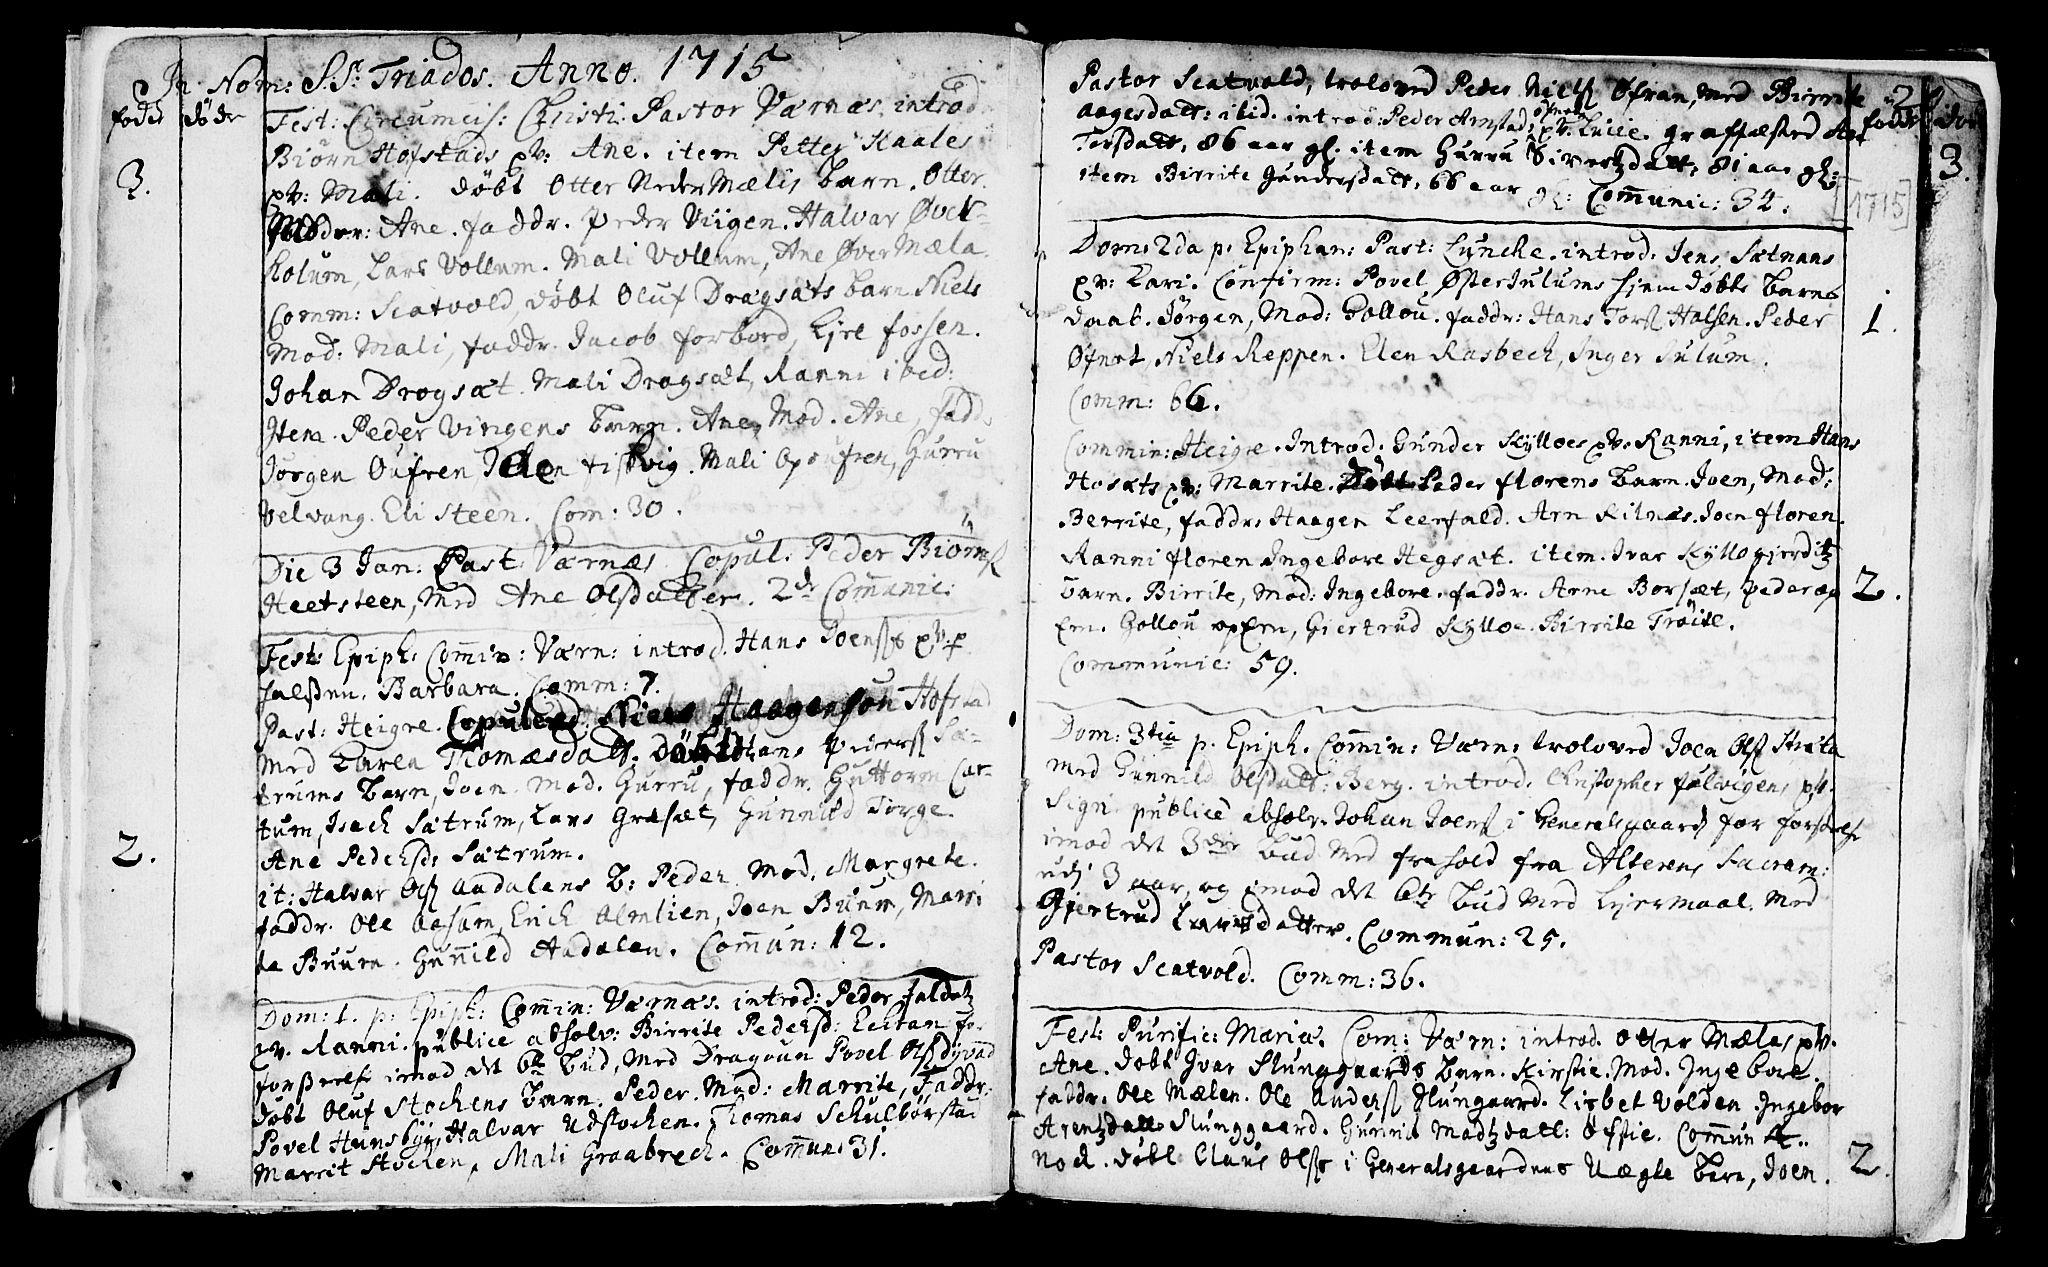 SAT, Ministerialprotokoller, klokkerbøker og fødselsregistre - Nord-Trøndelag, 709/L0054: Ministerialbok nr. 709A02, 1714-1738, s. 20